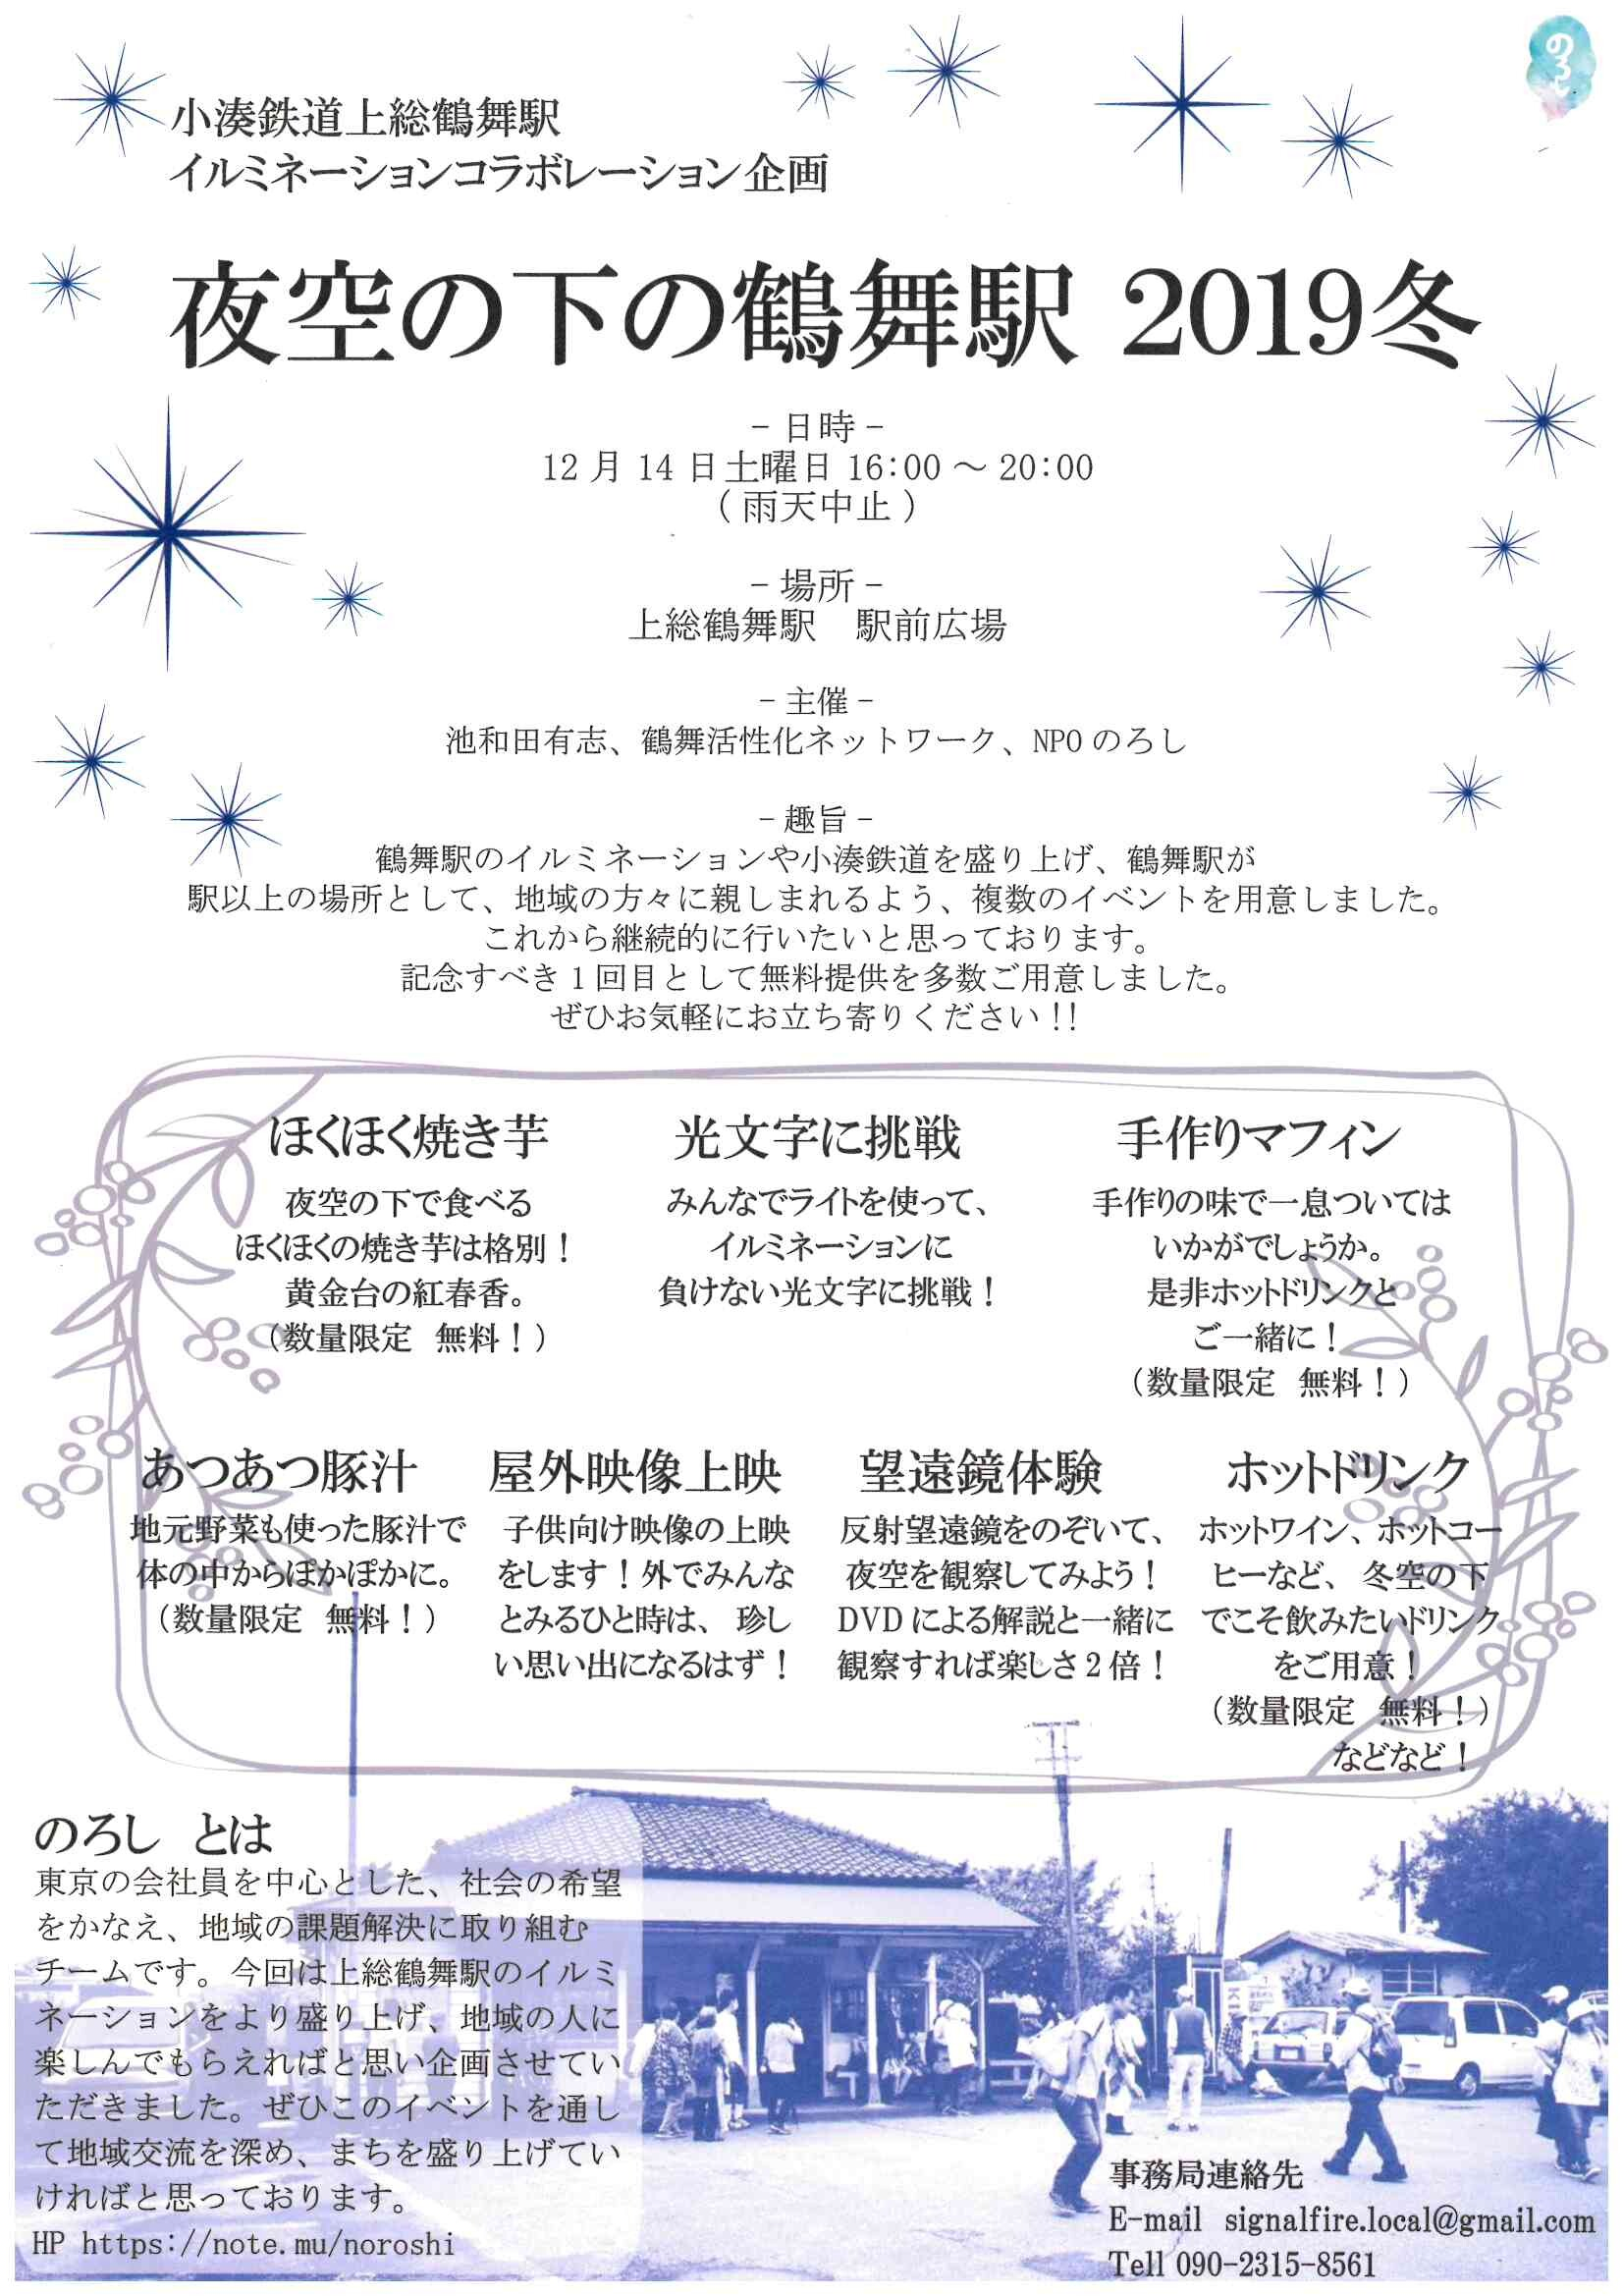 「夜空の下の鶴舞駅 2019冬」を初開催☆彡